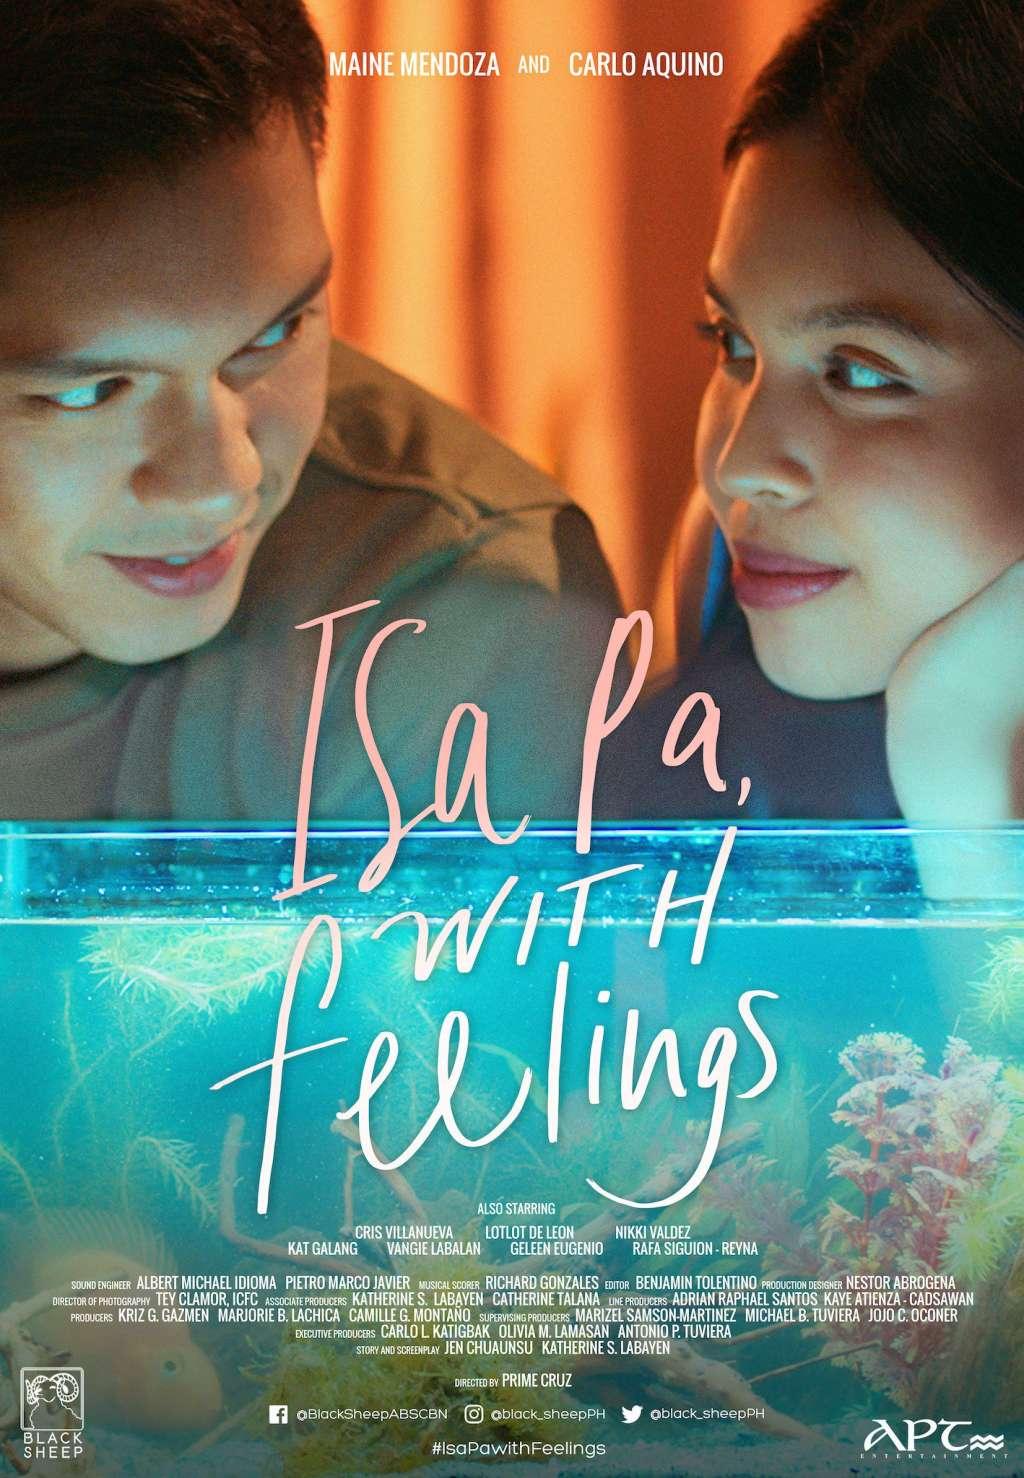 Isa Pa with Feelings kapak